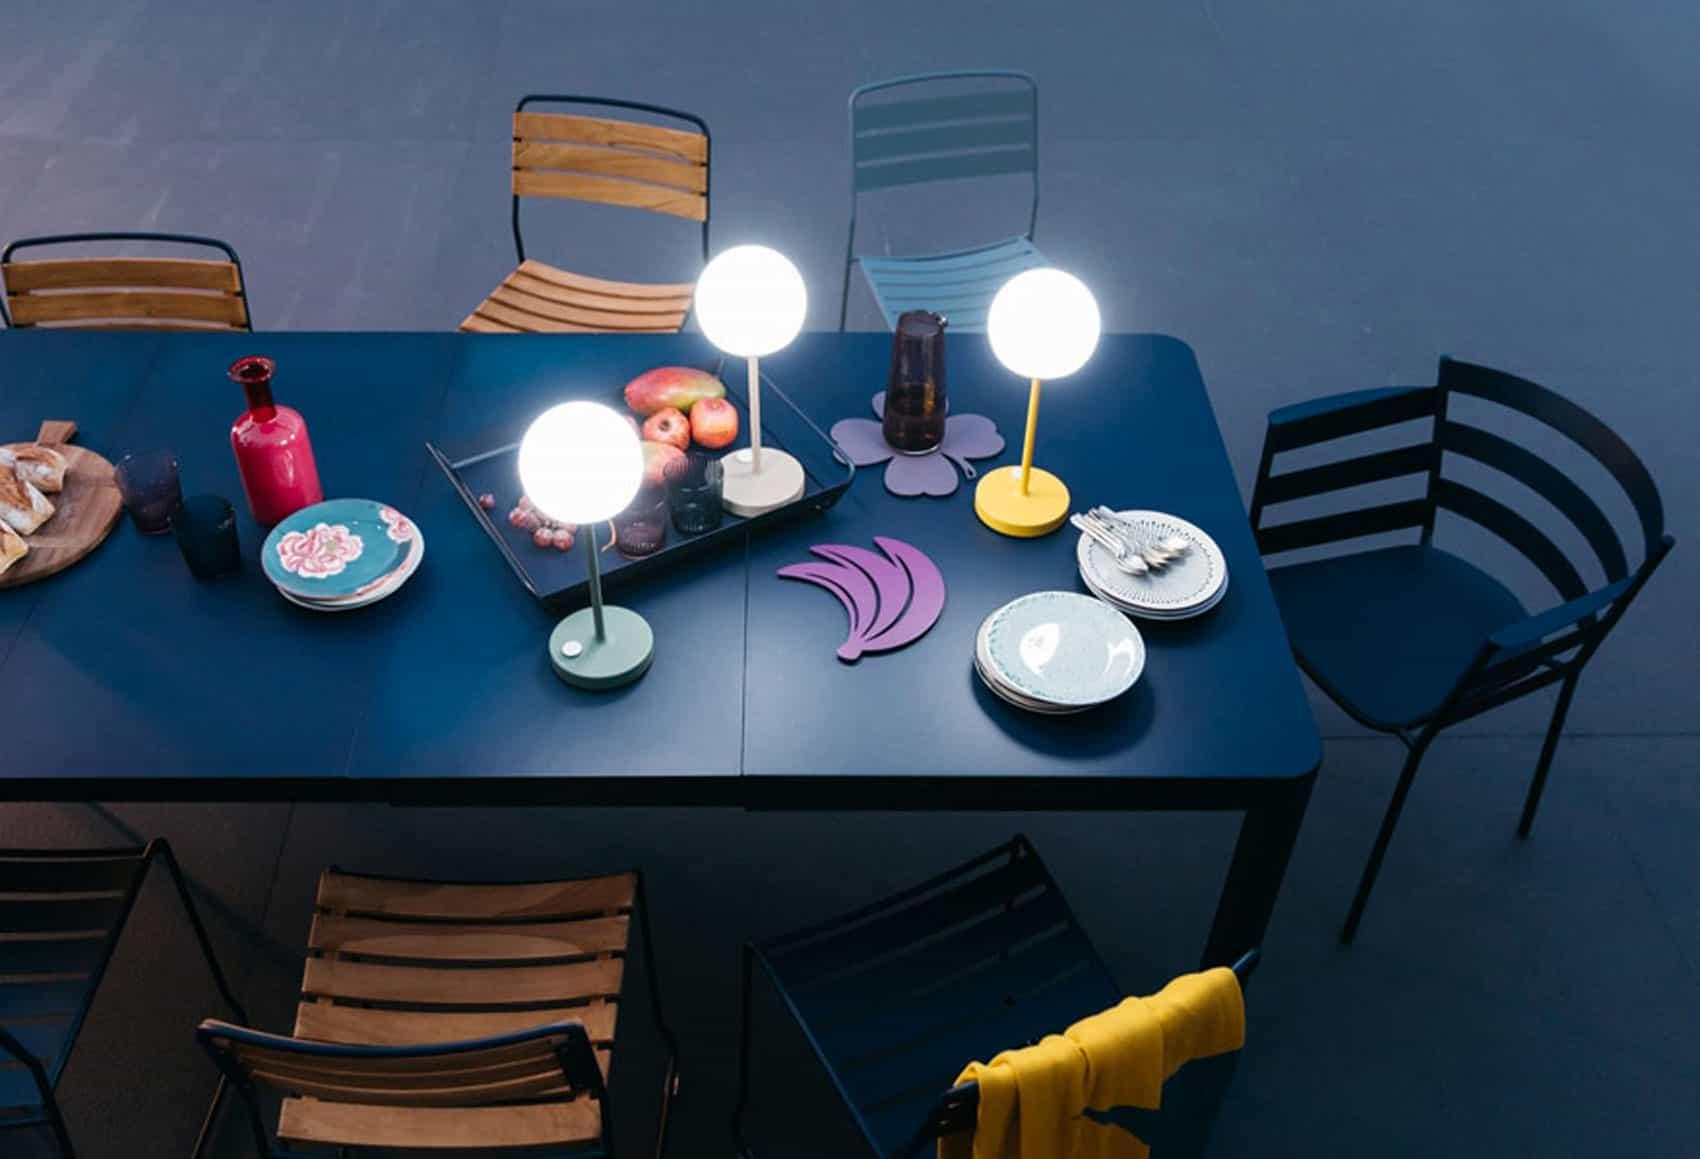 Profitez de votre extérieur tout en couleur & design